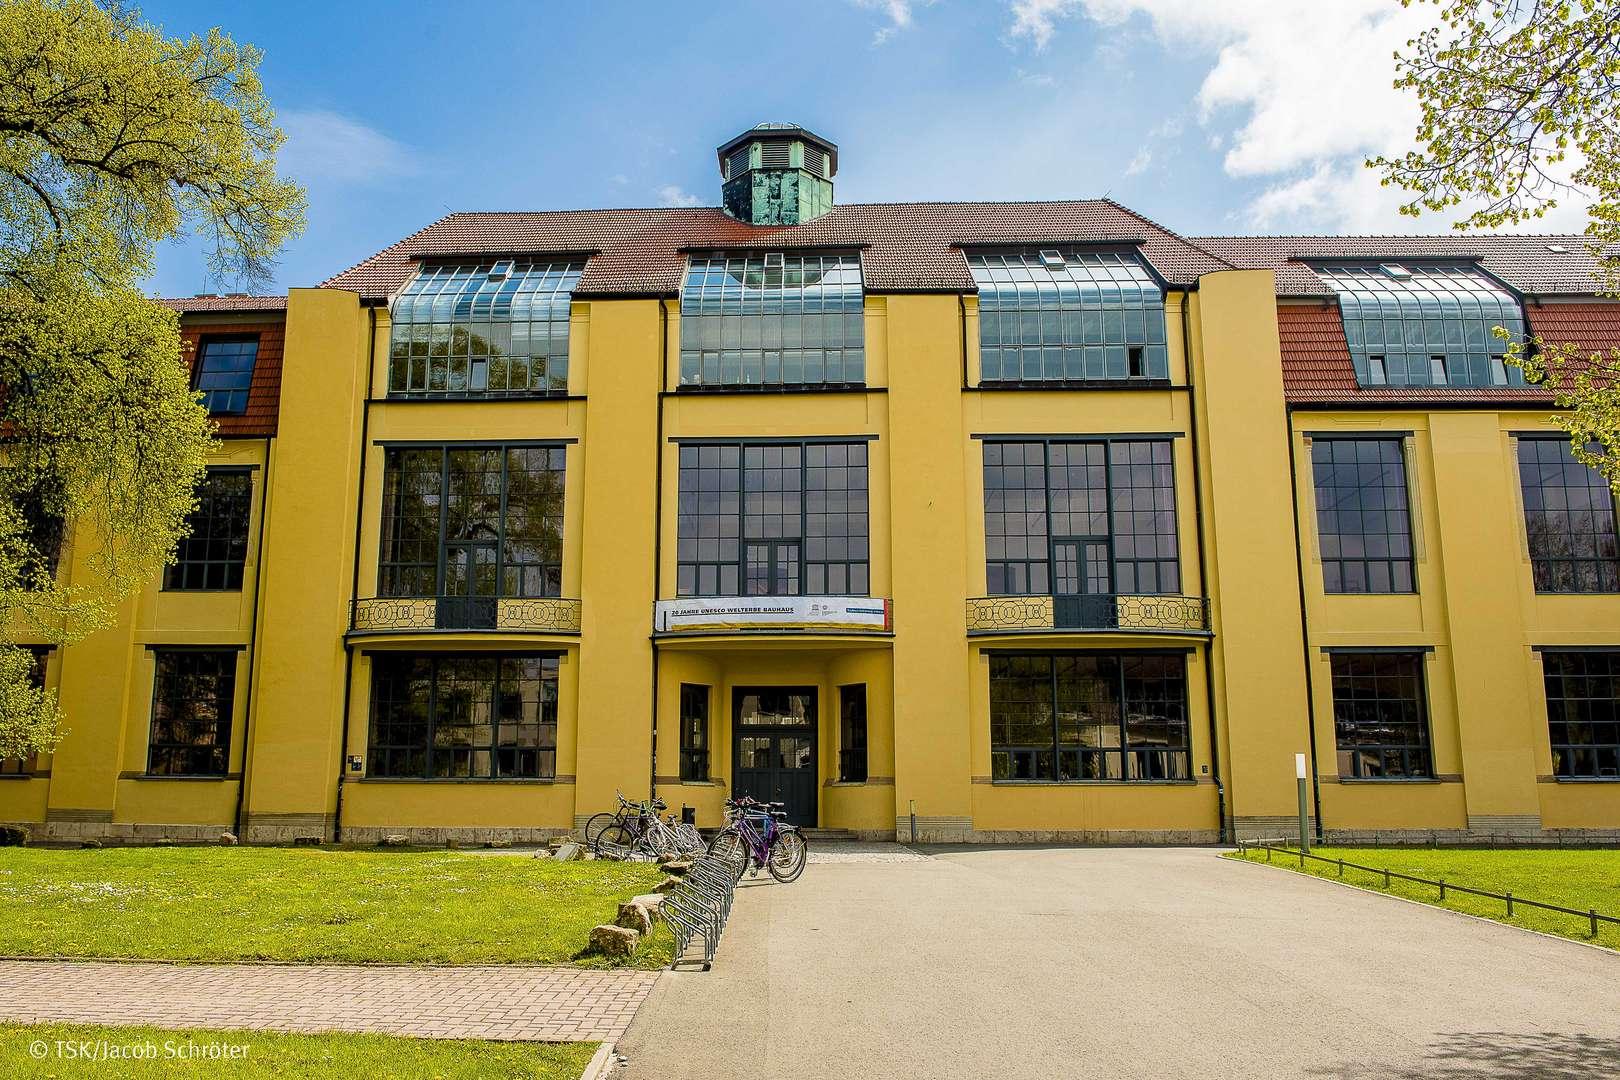 Bauhaus-Universität Weimar, Hauptgebäude von außen